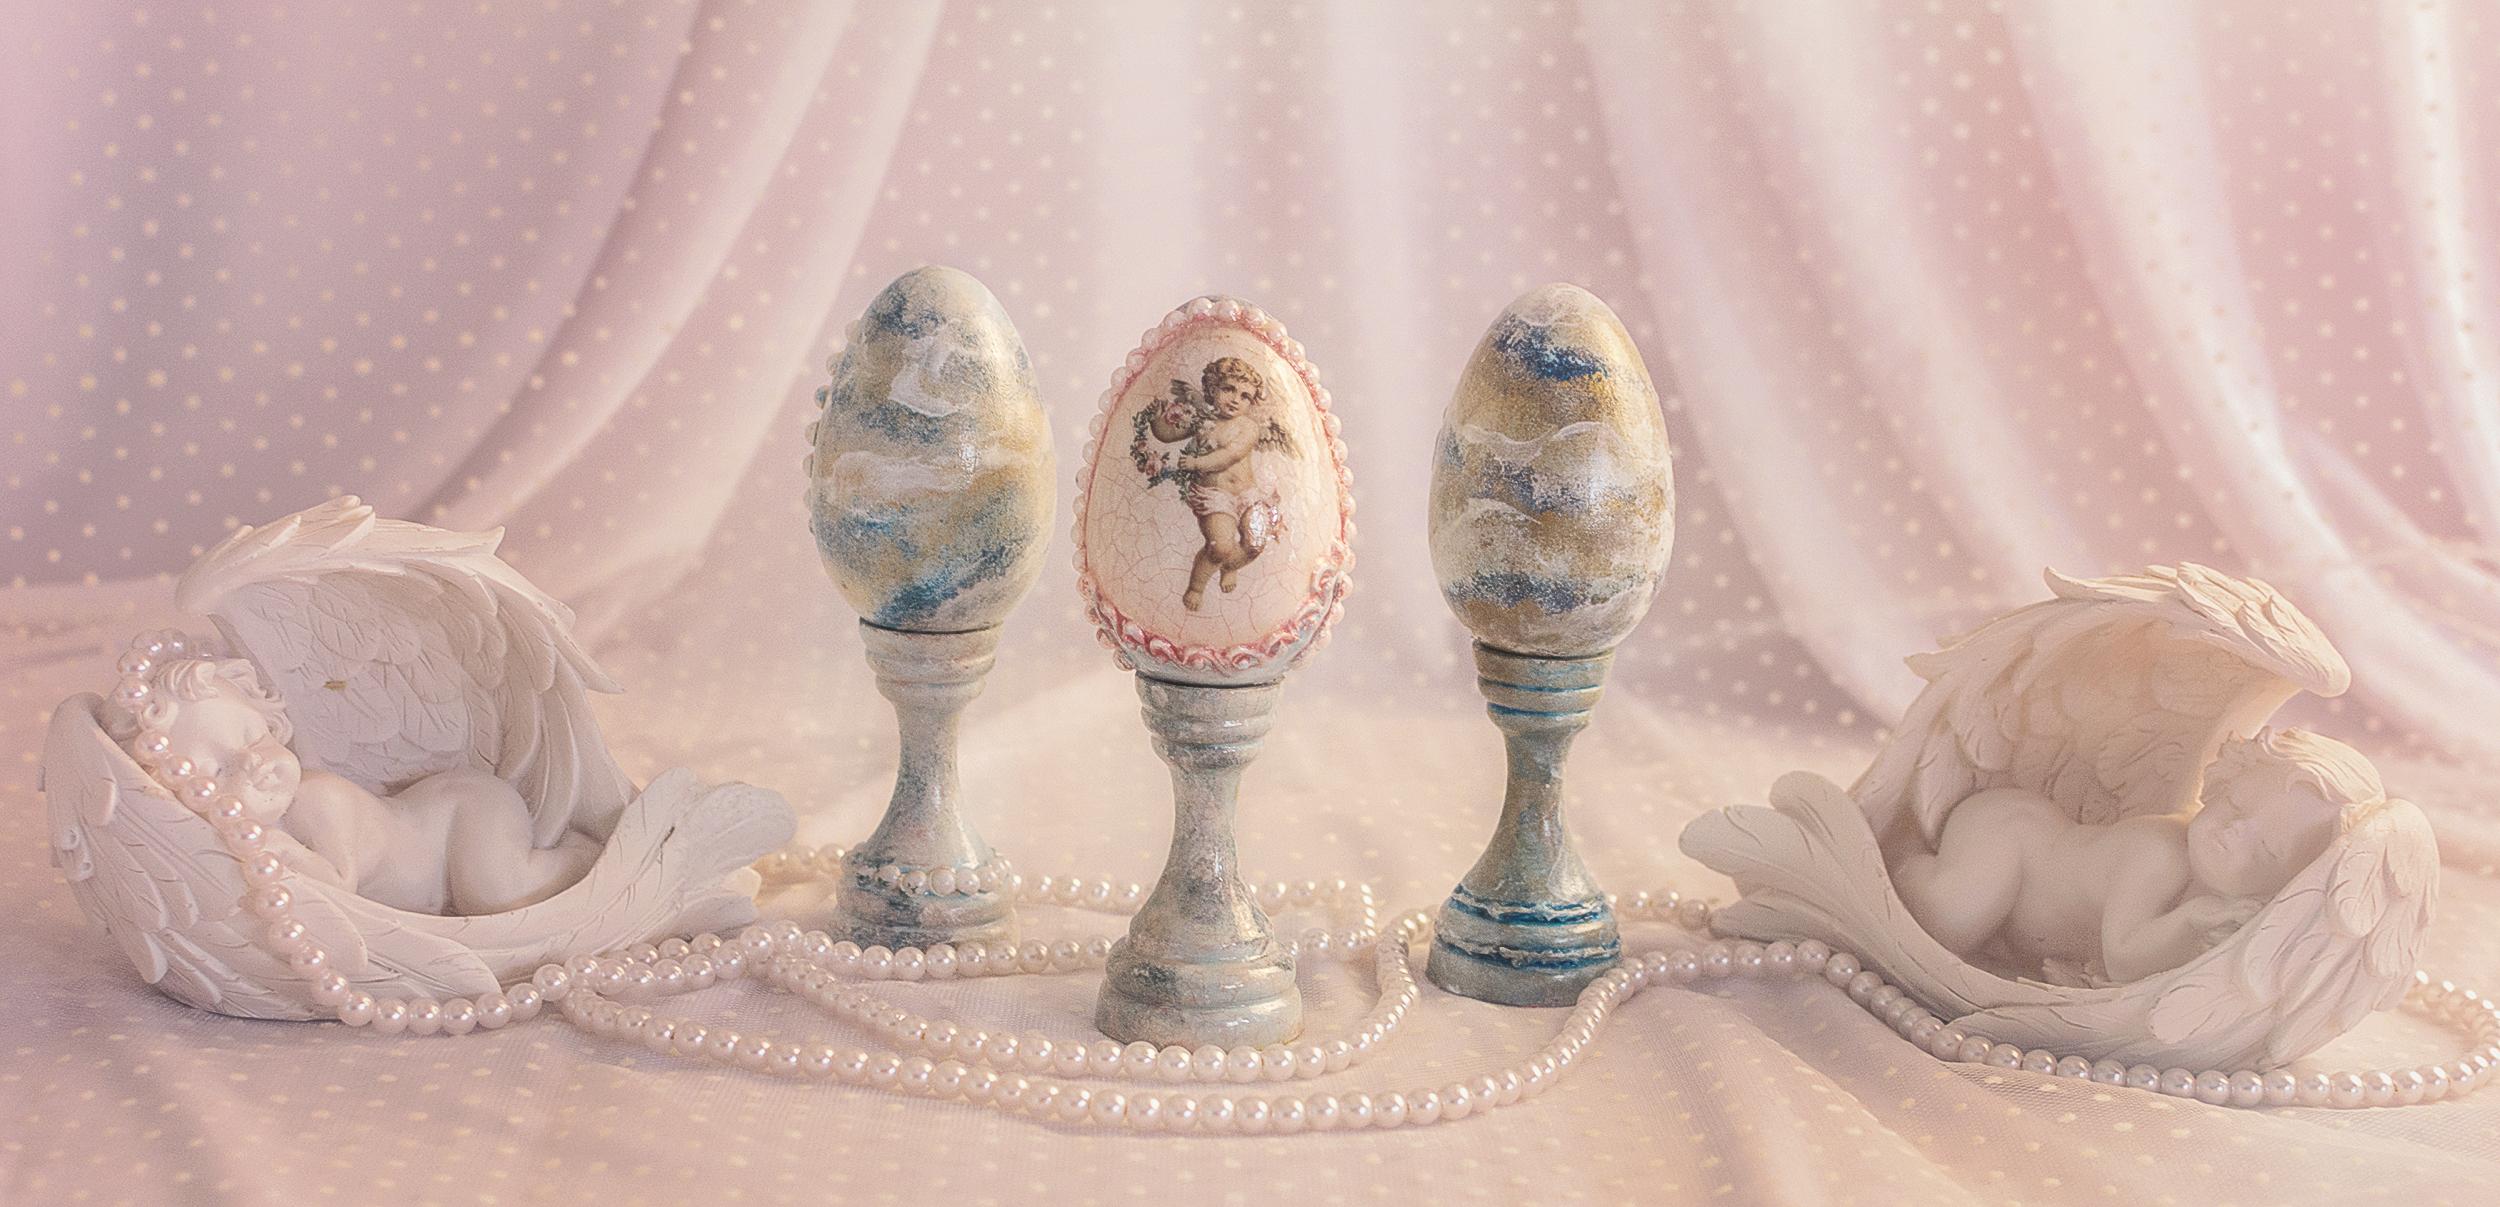 Ou Decorativ Bleu Cu Roz, Aspect De Marmura Si Perlute, Cu Suport